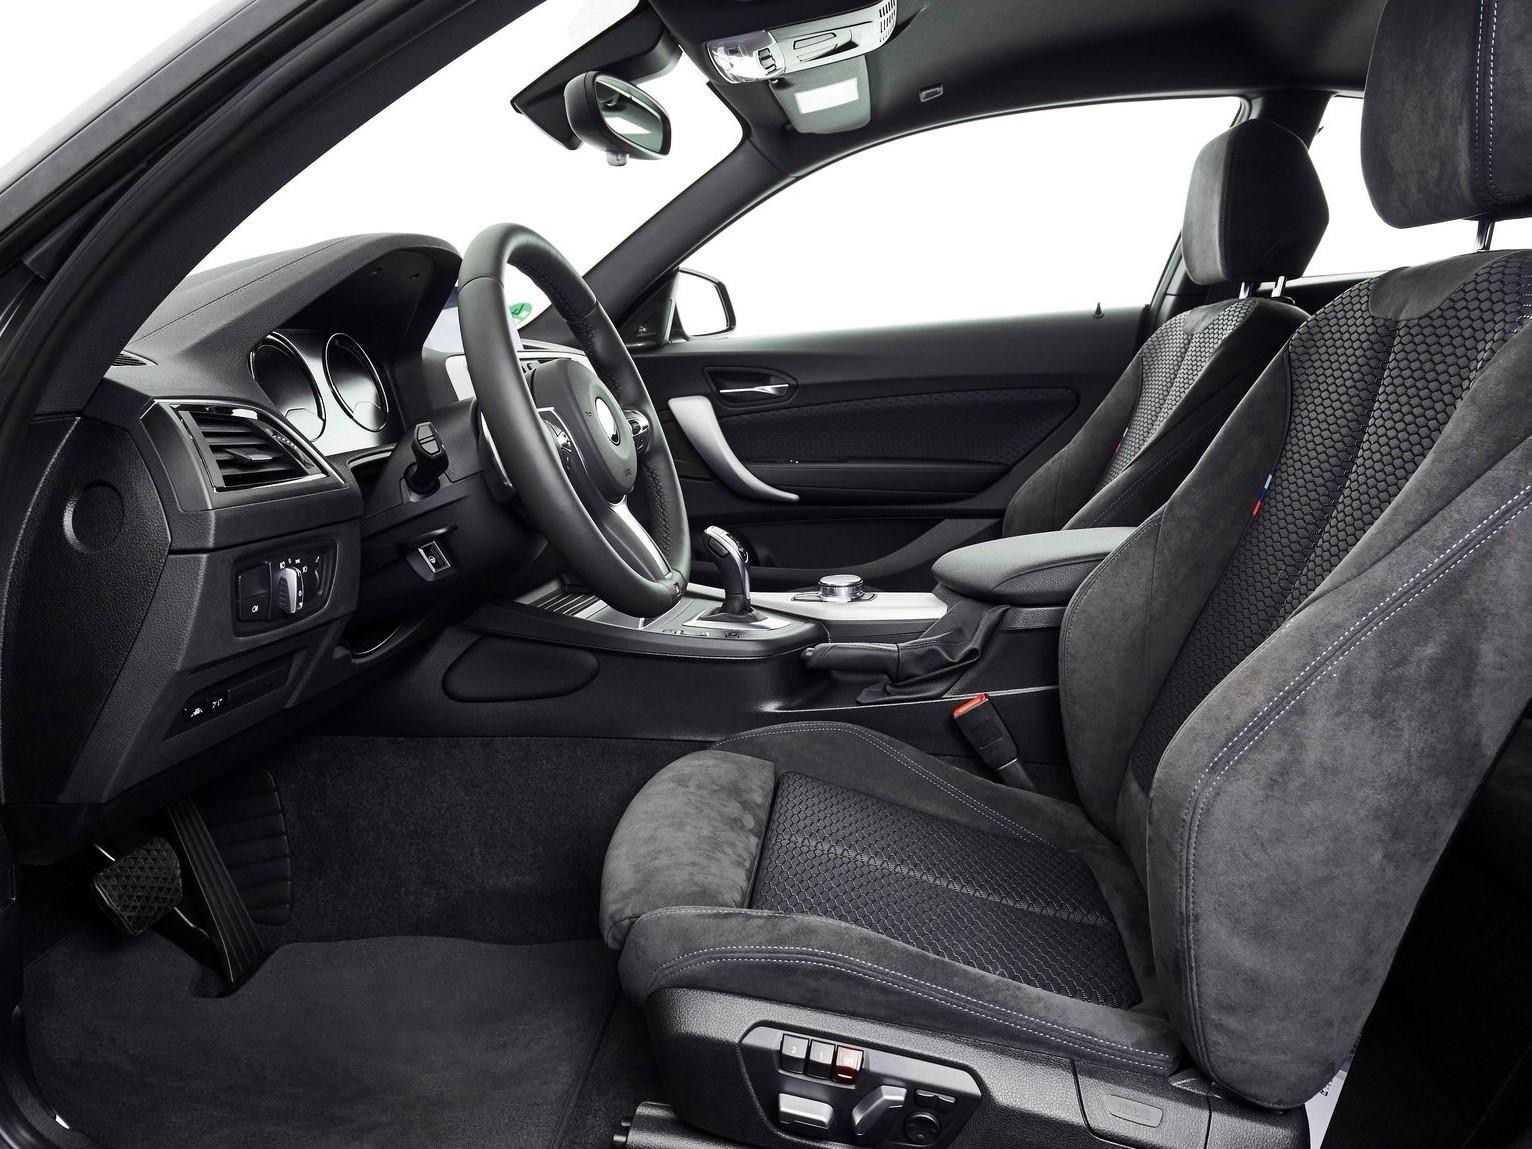 Plazas delanteras BMW serie 2 coupé 2017